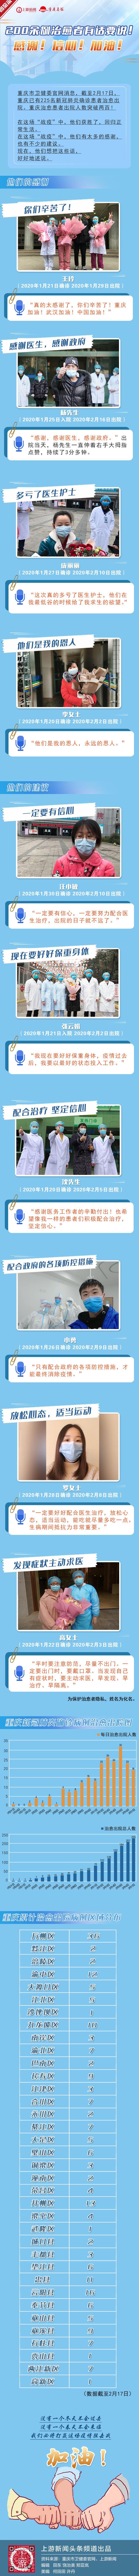 重庆出院病例破两百长图X.jpg